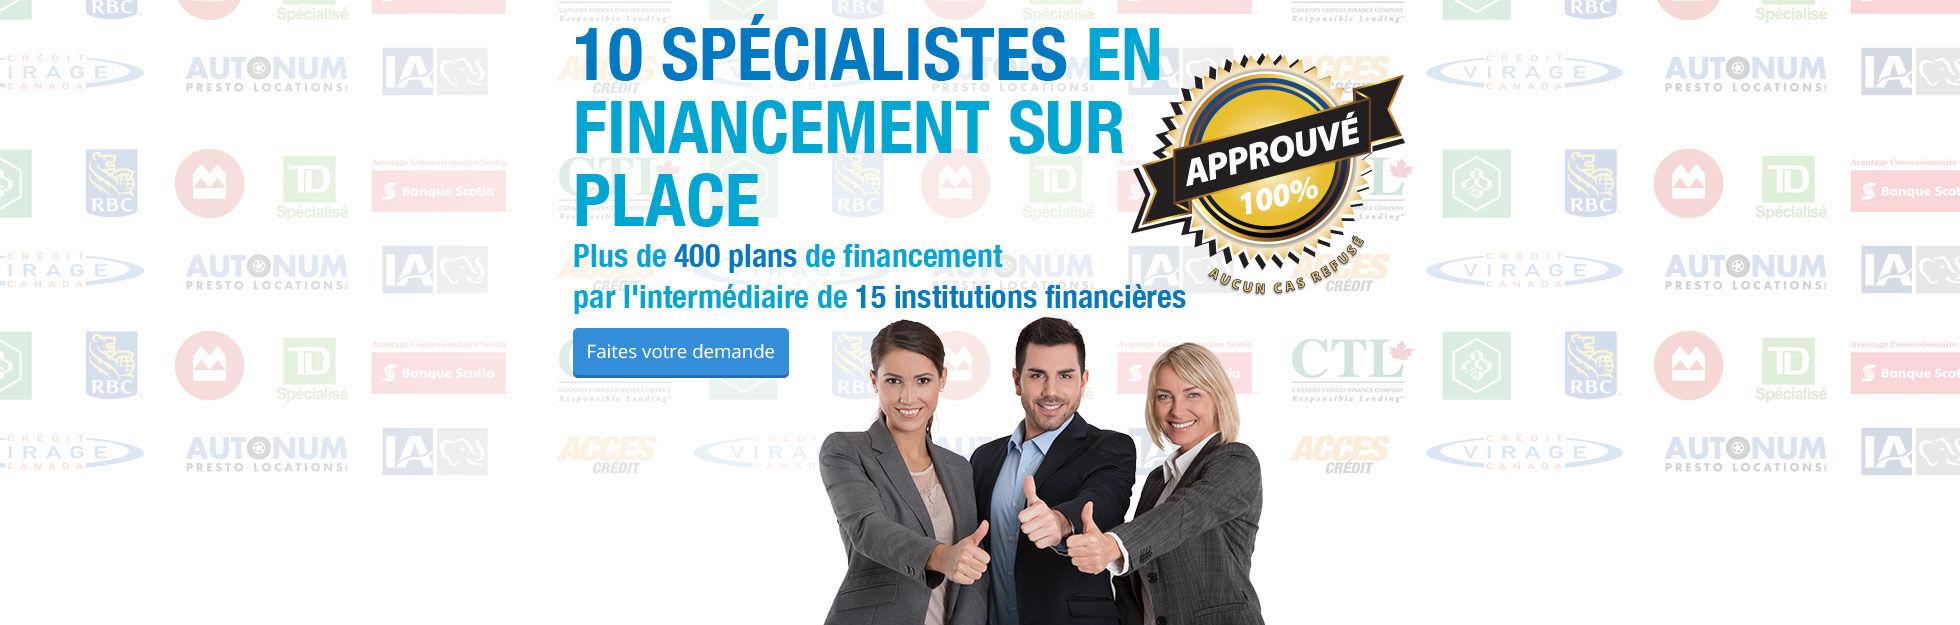 Financement sur place